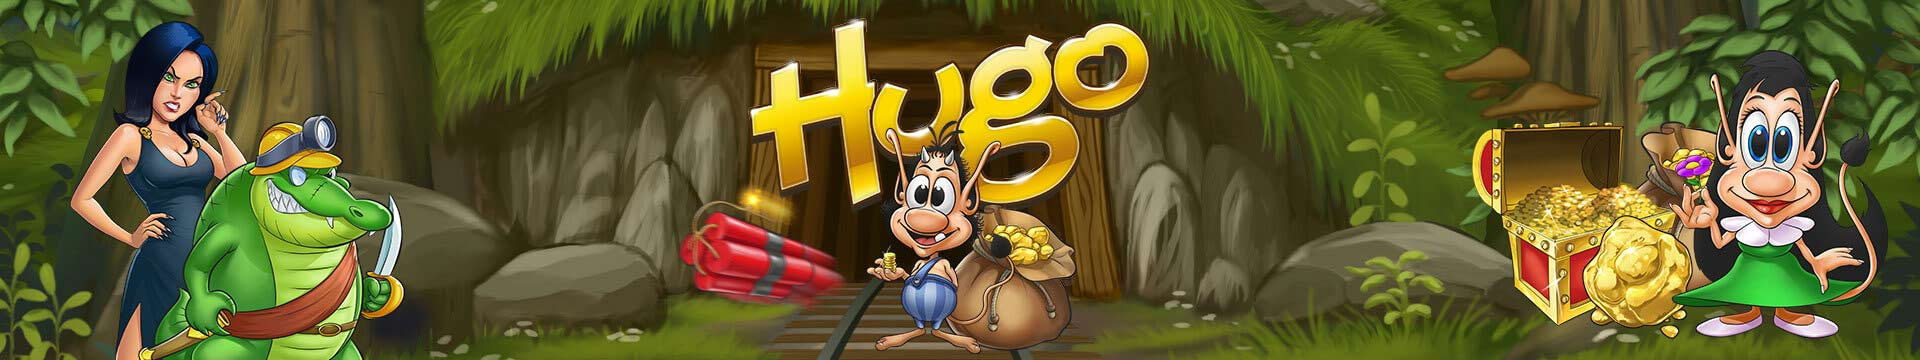 Slider Banner - Hugo